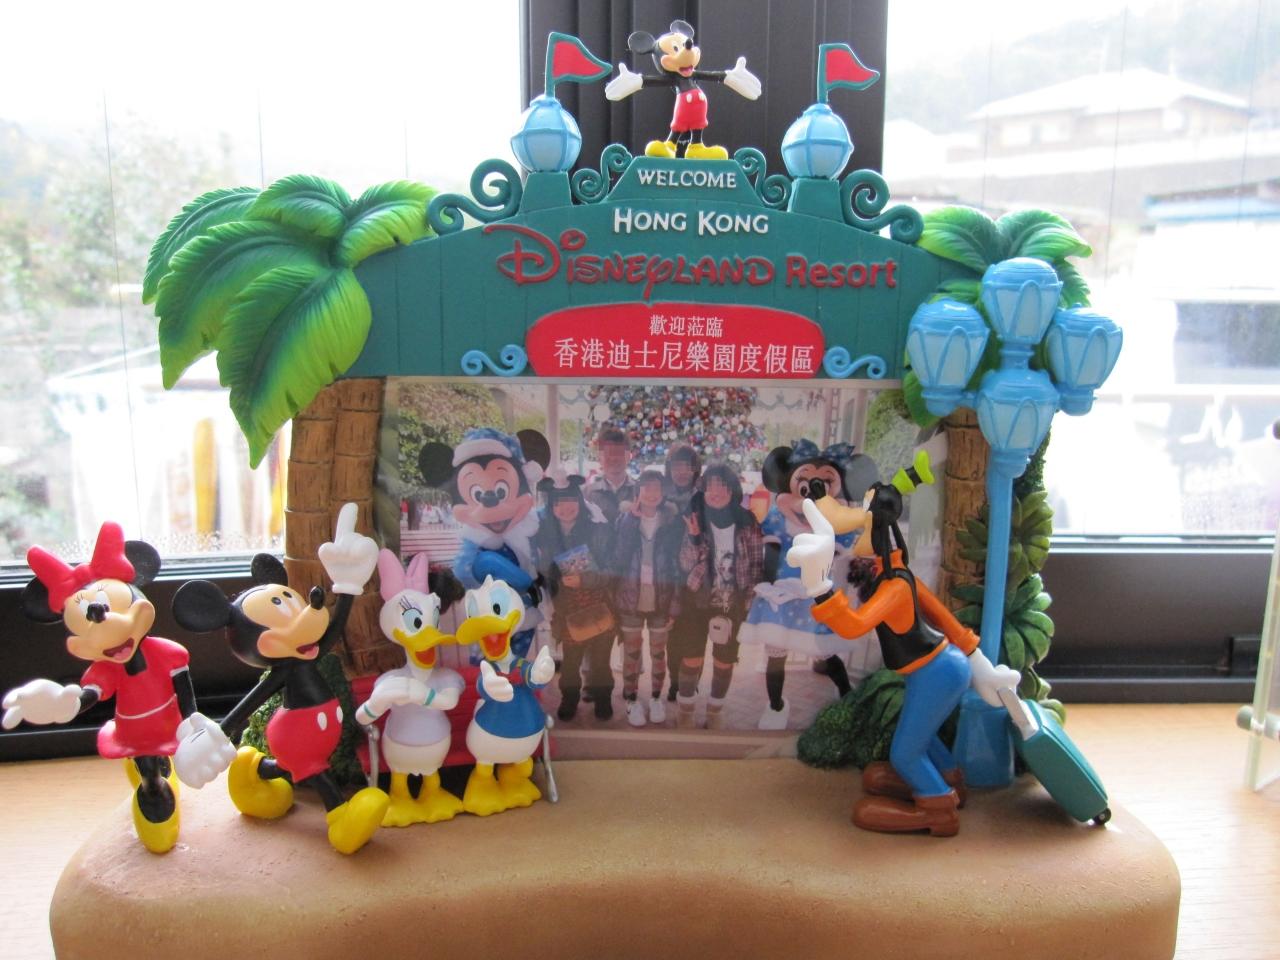 香港ディズニーランド クリスマス お土産』香港(香港)の旅行記・ブログ